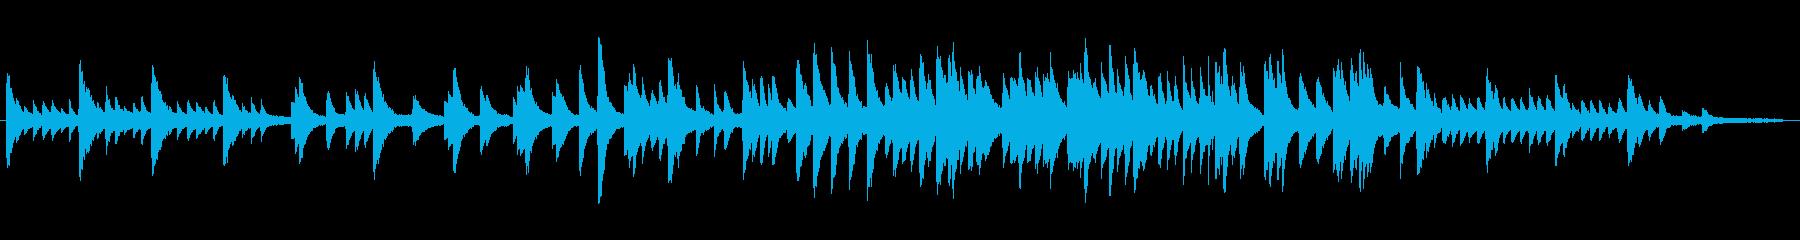 切ないメロディのピアノソロ曲の再生済みの波形